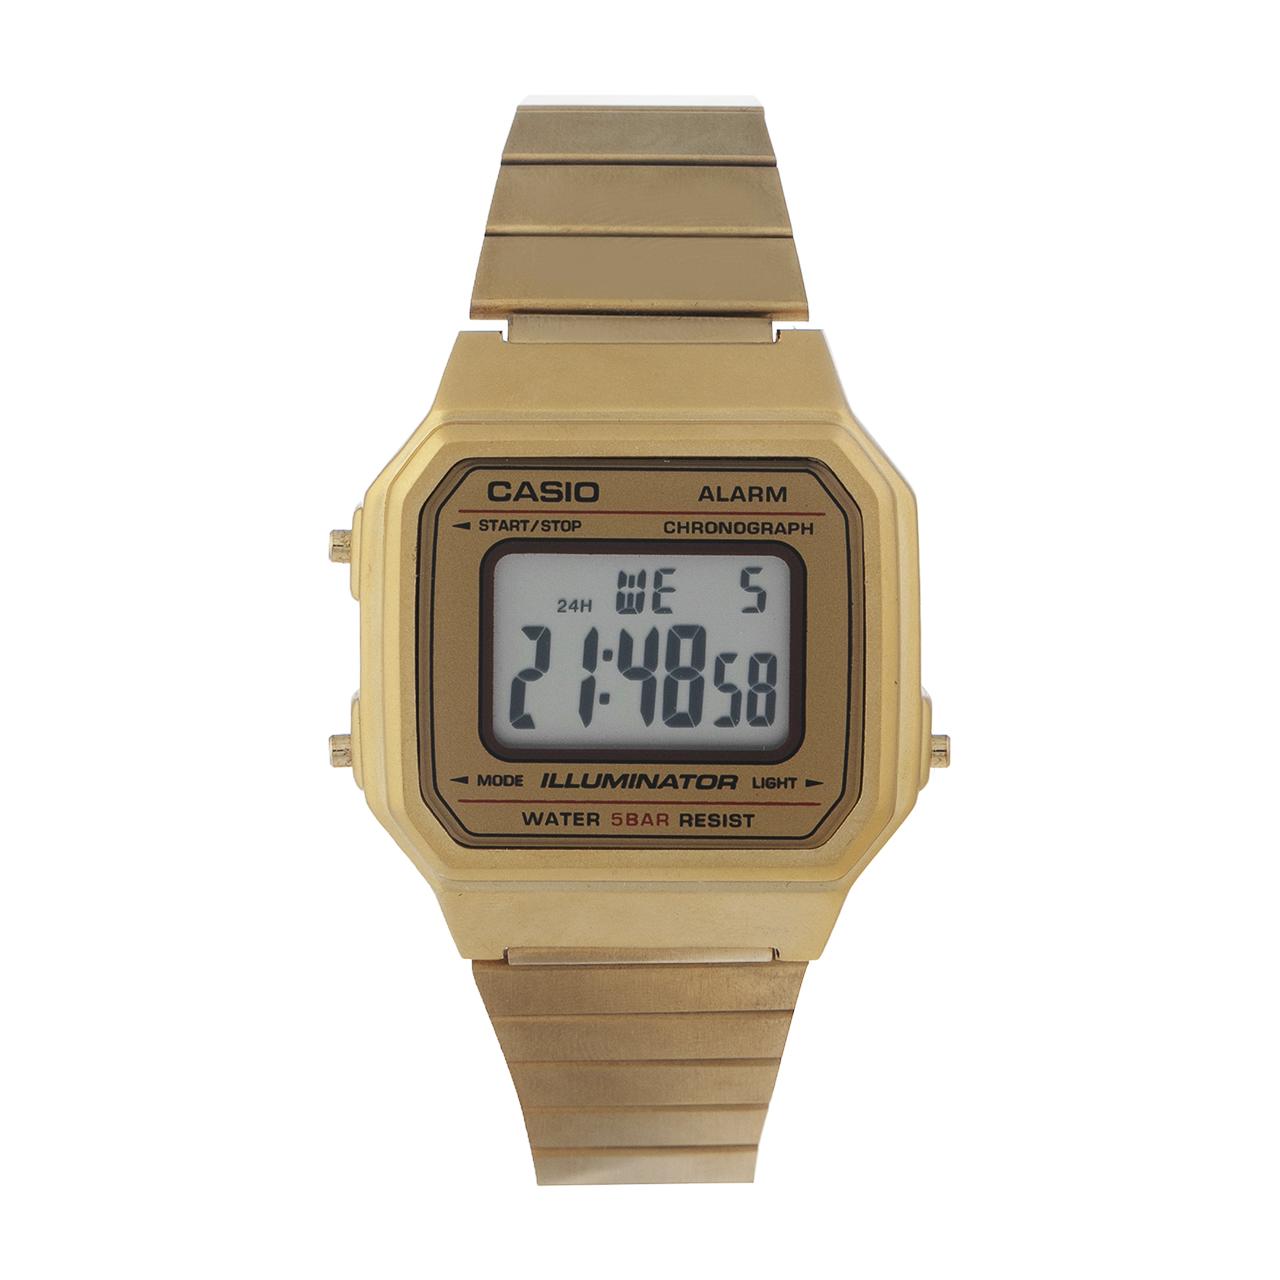 ساعت مچی دیجیتالی کاسیو مدل B650W-3454-2